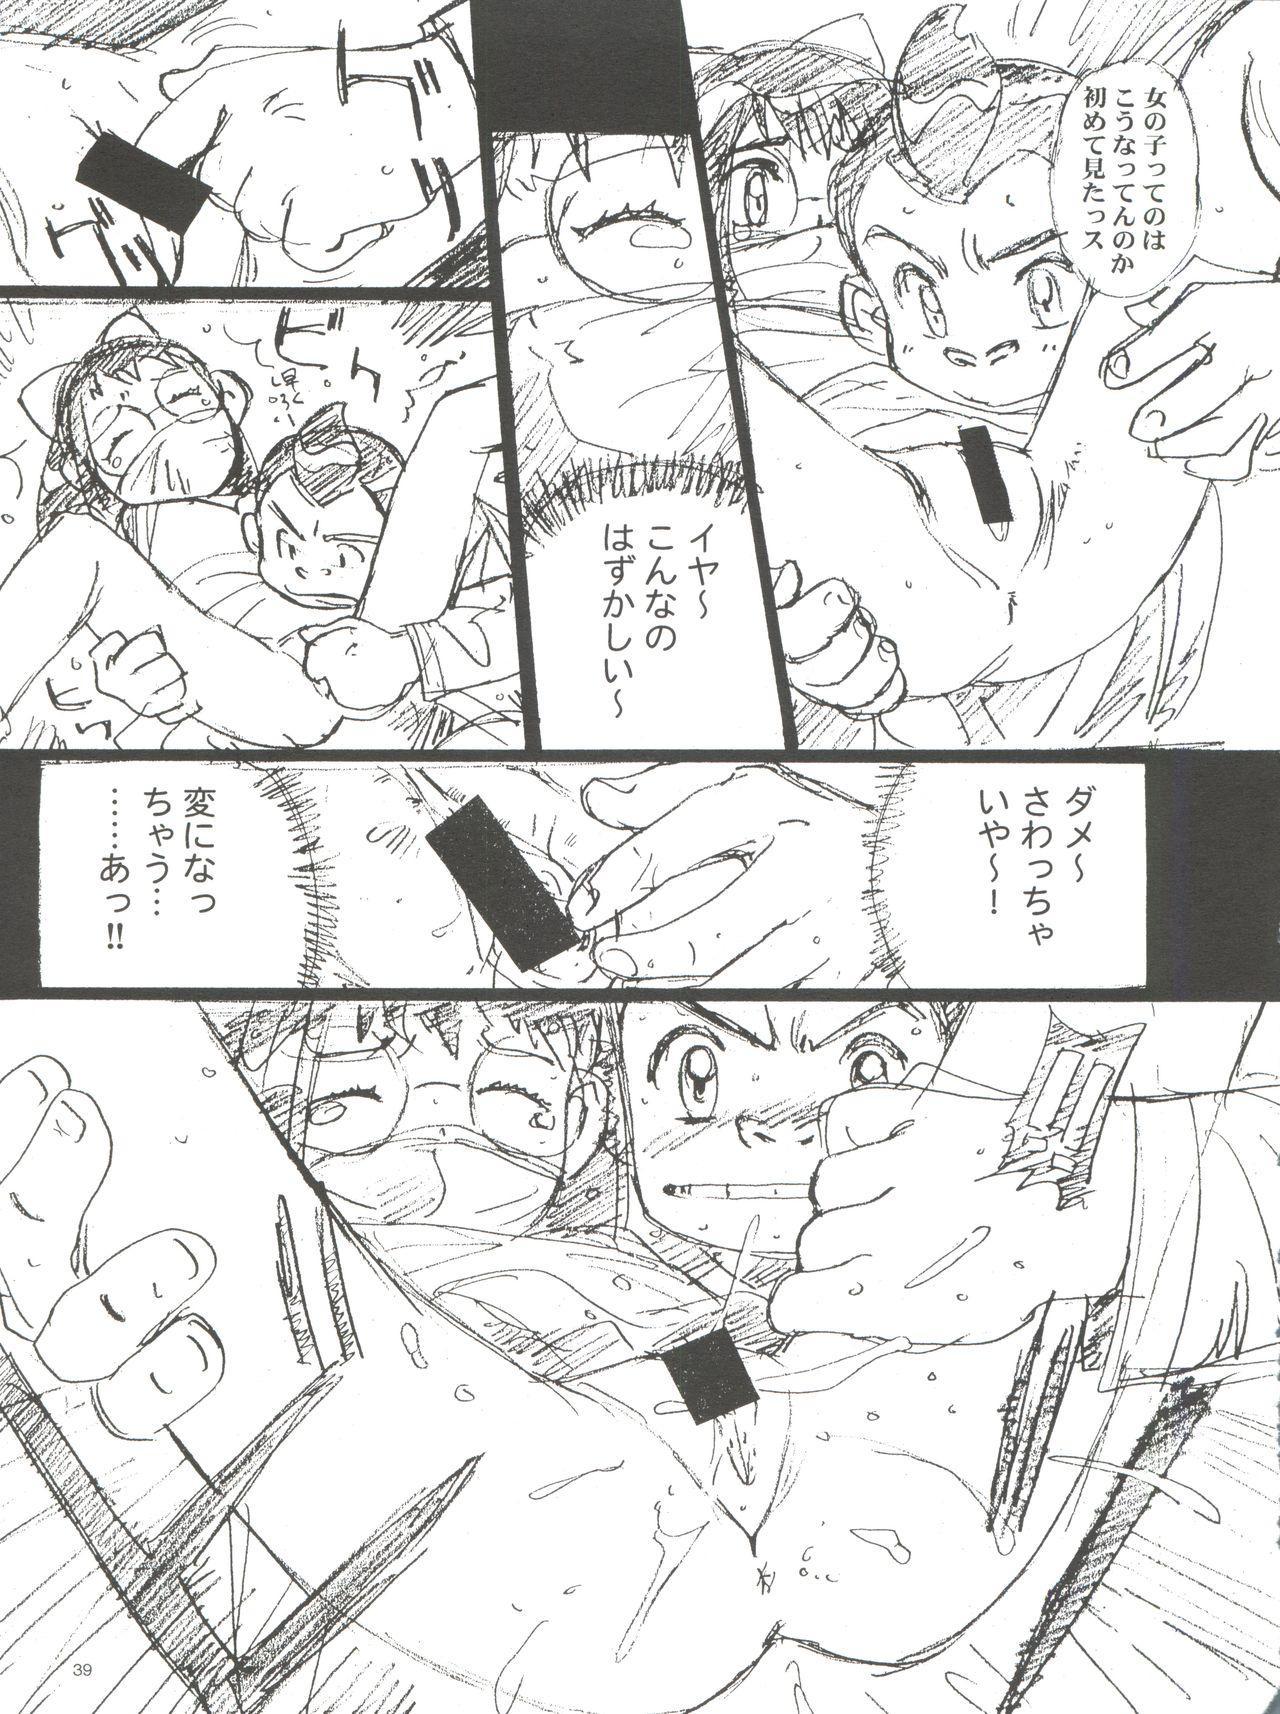 Wanpaku Anime Daihyakka Nanno Koto Jisensyuu Vol. 1 40